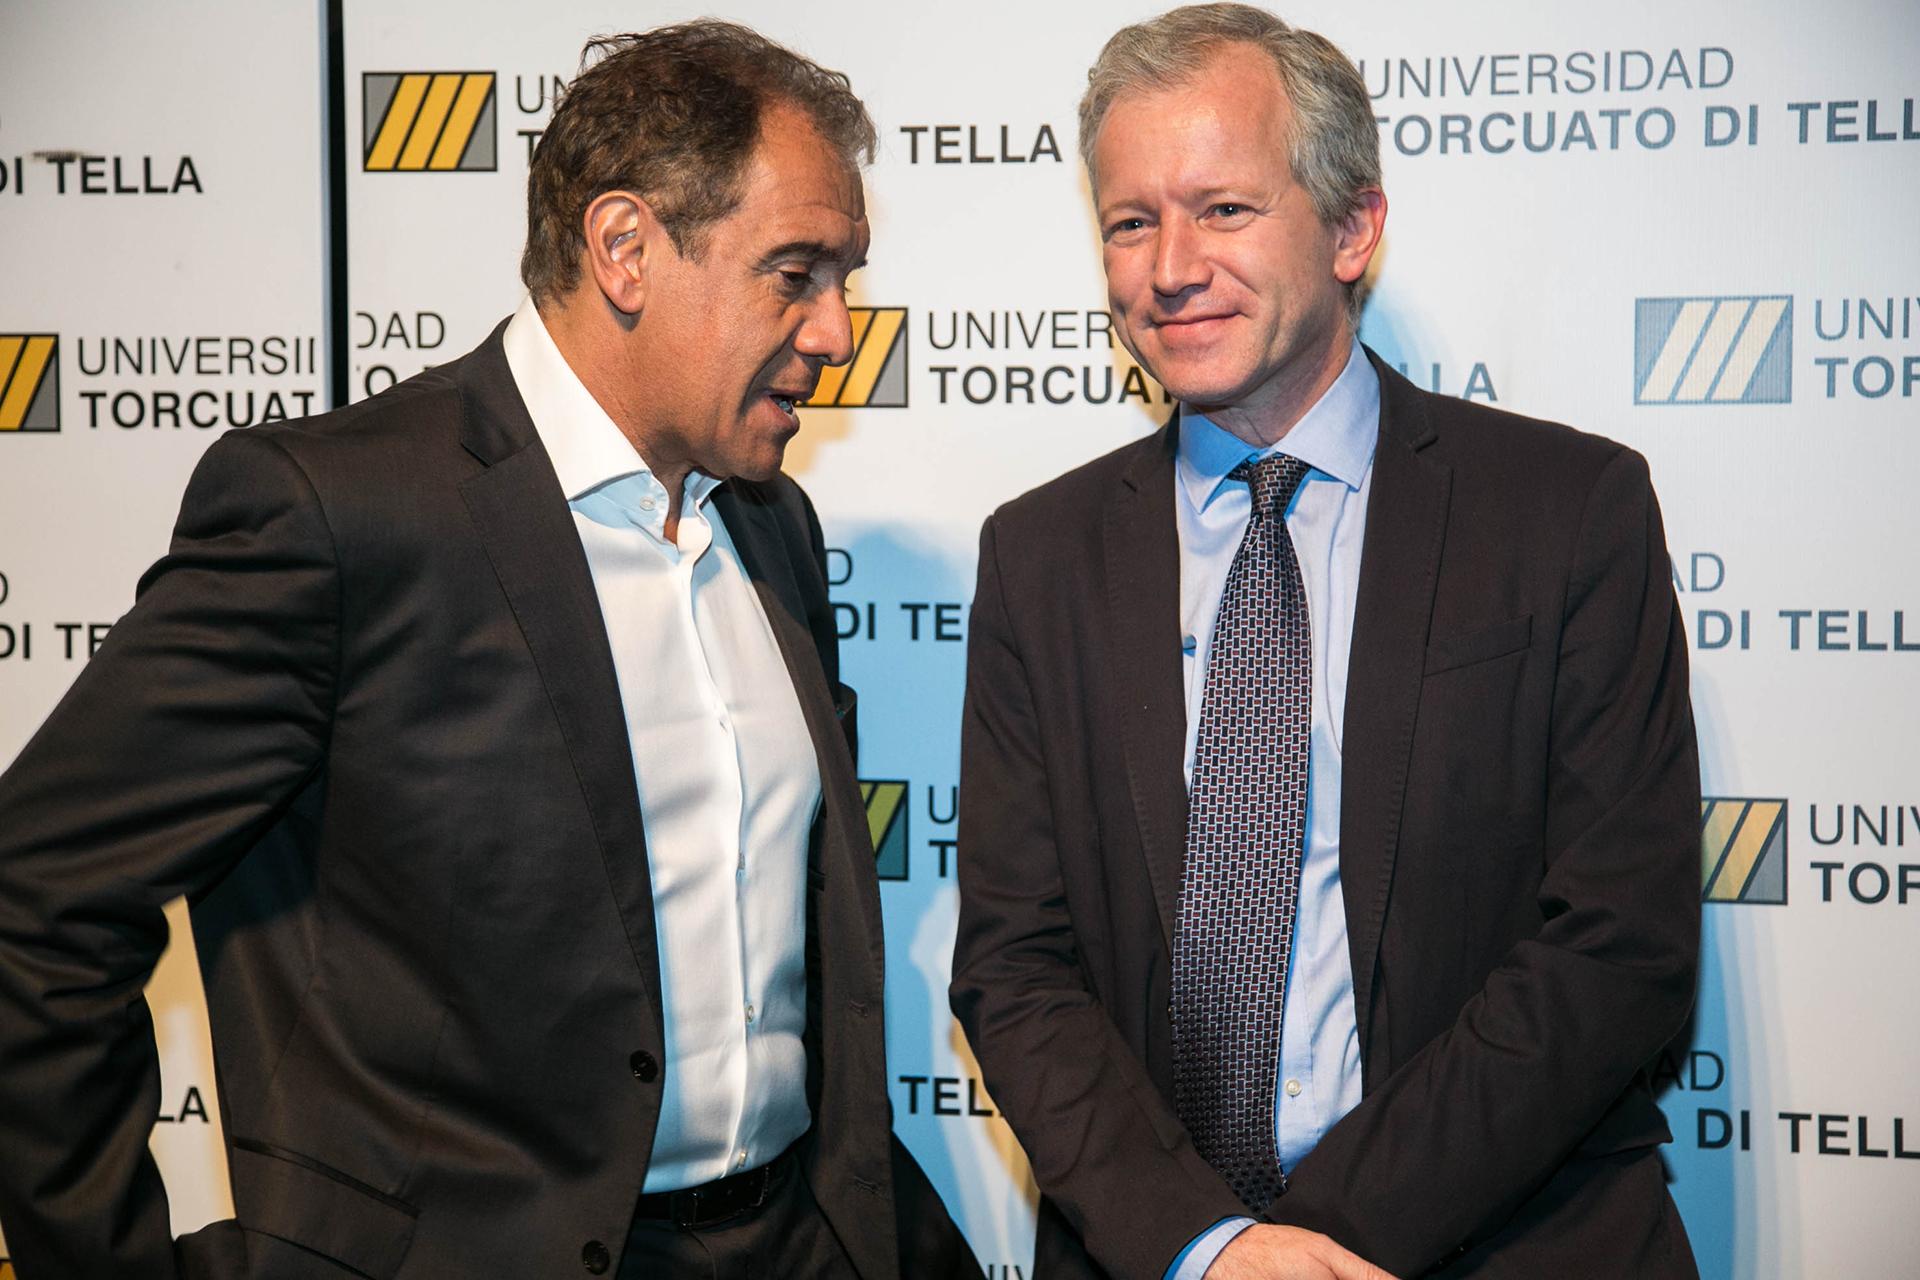 Daniel Hadad, fundador de Infobae, junto al rector de la Universidad Ernesto Schargrodsky